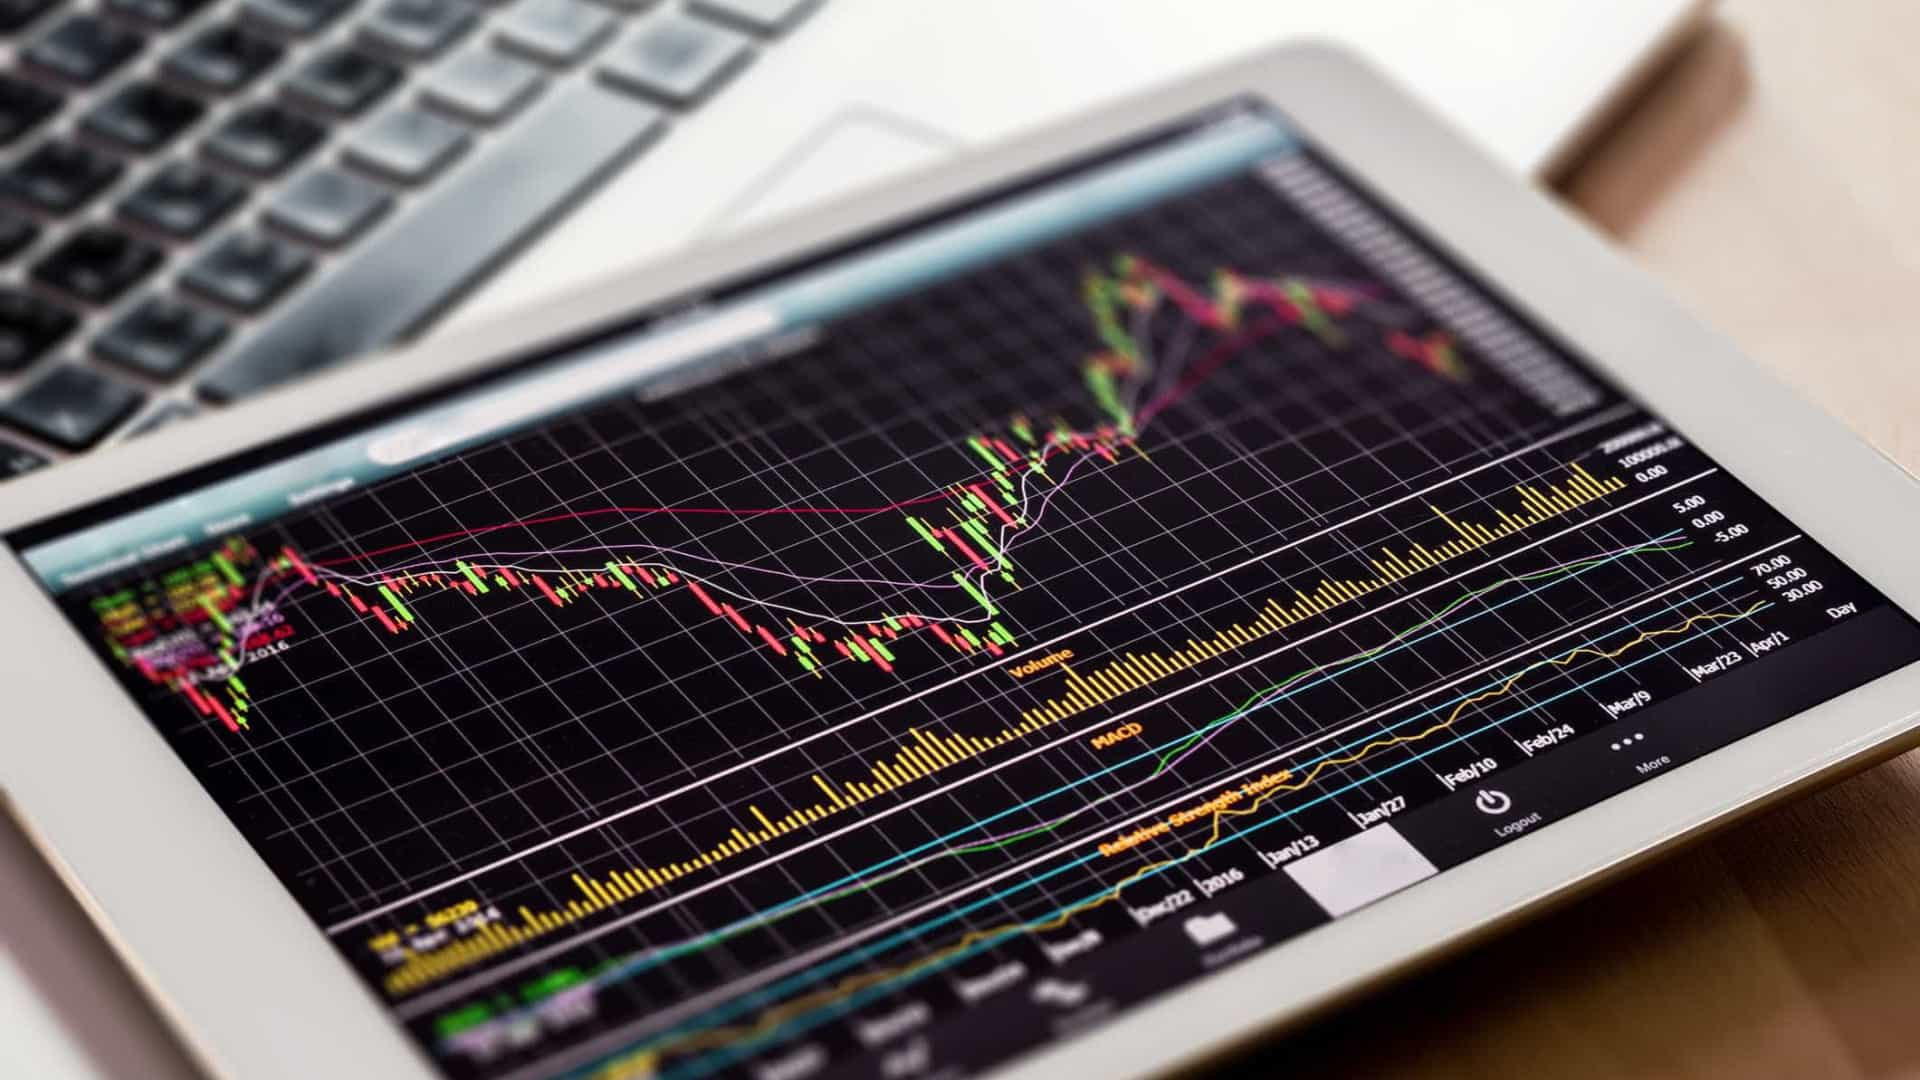 PSI20 sobe 0,60% seguindo tendência maioritária das bolsas europeias